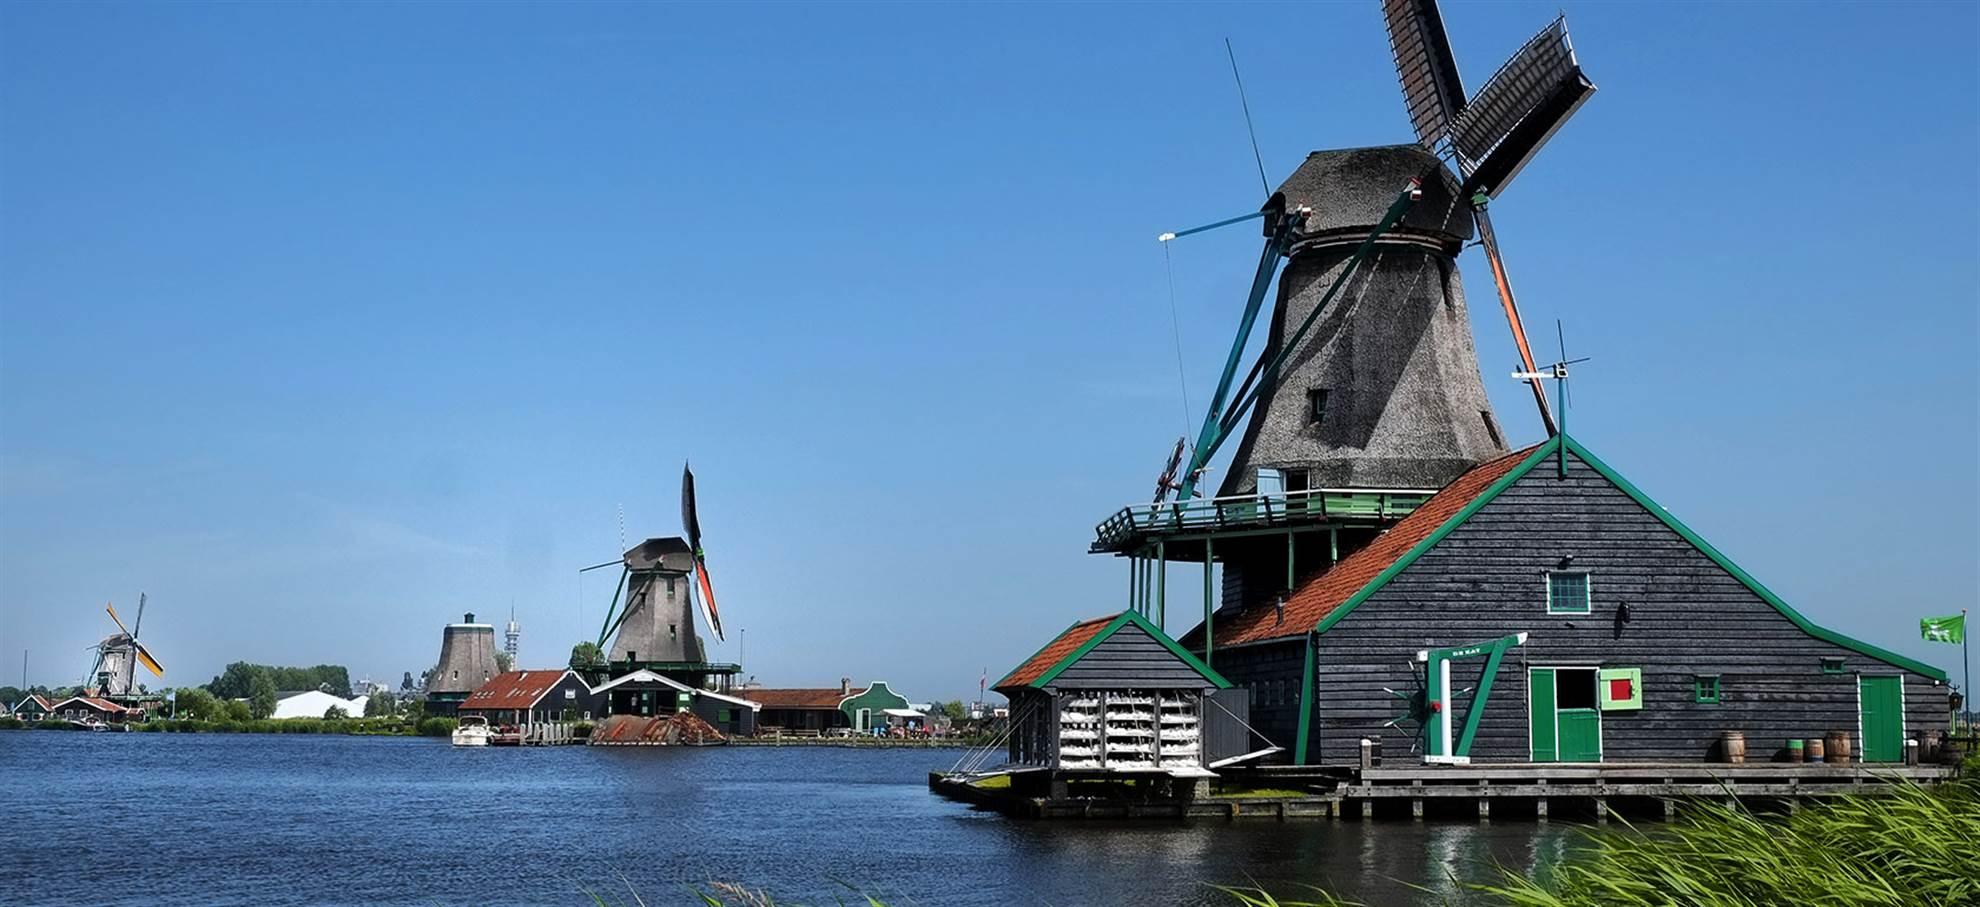 Excursão de um dia ao Keukenhof, Volendam e Moinhos de Vento (Ativo e disponível para reserva)